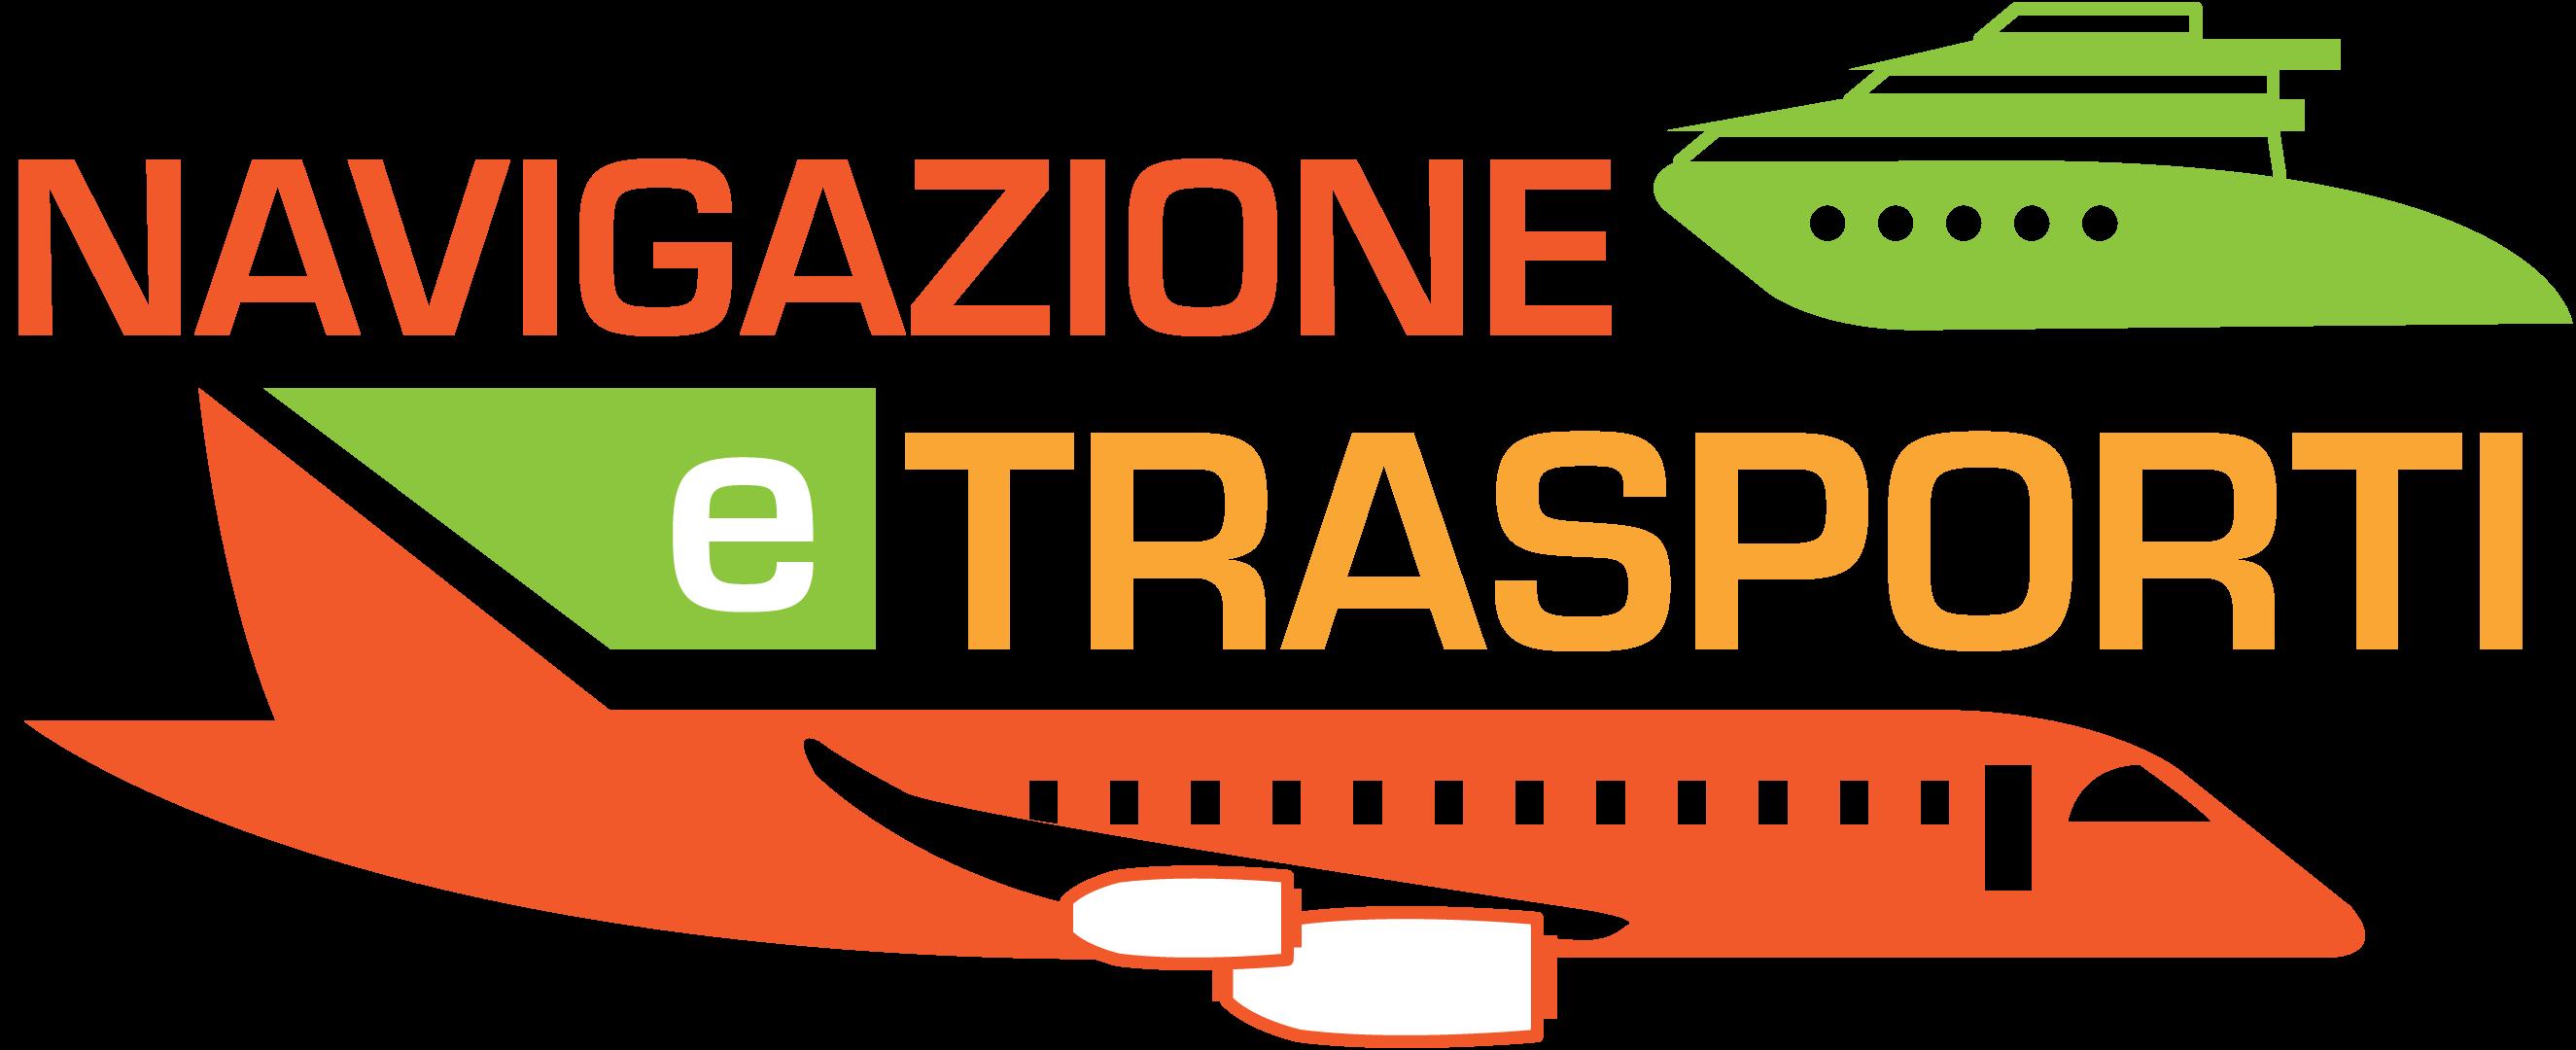 navigazione-trasporti-logo